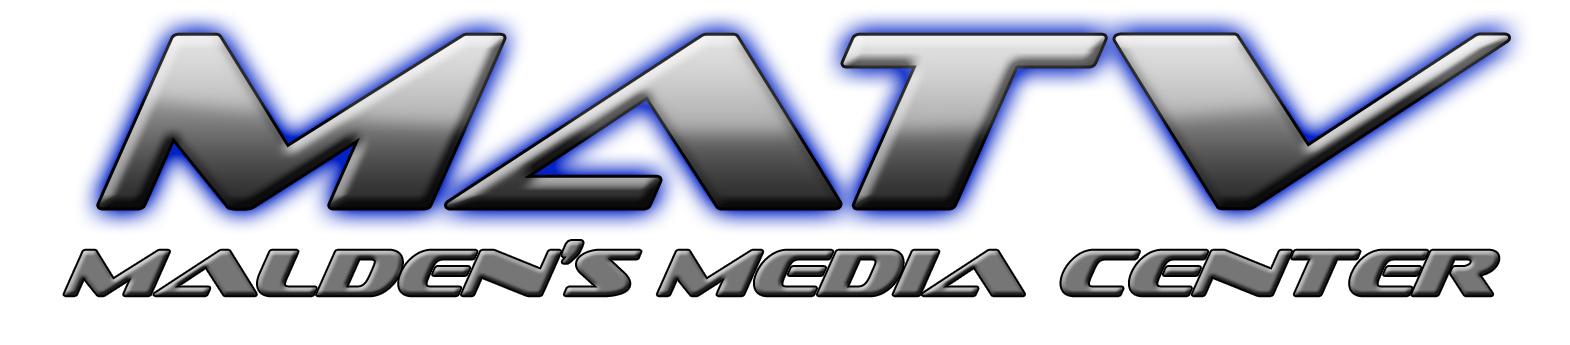 Malden Media Center Logo.jpg